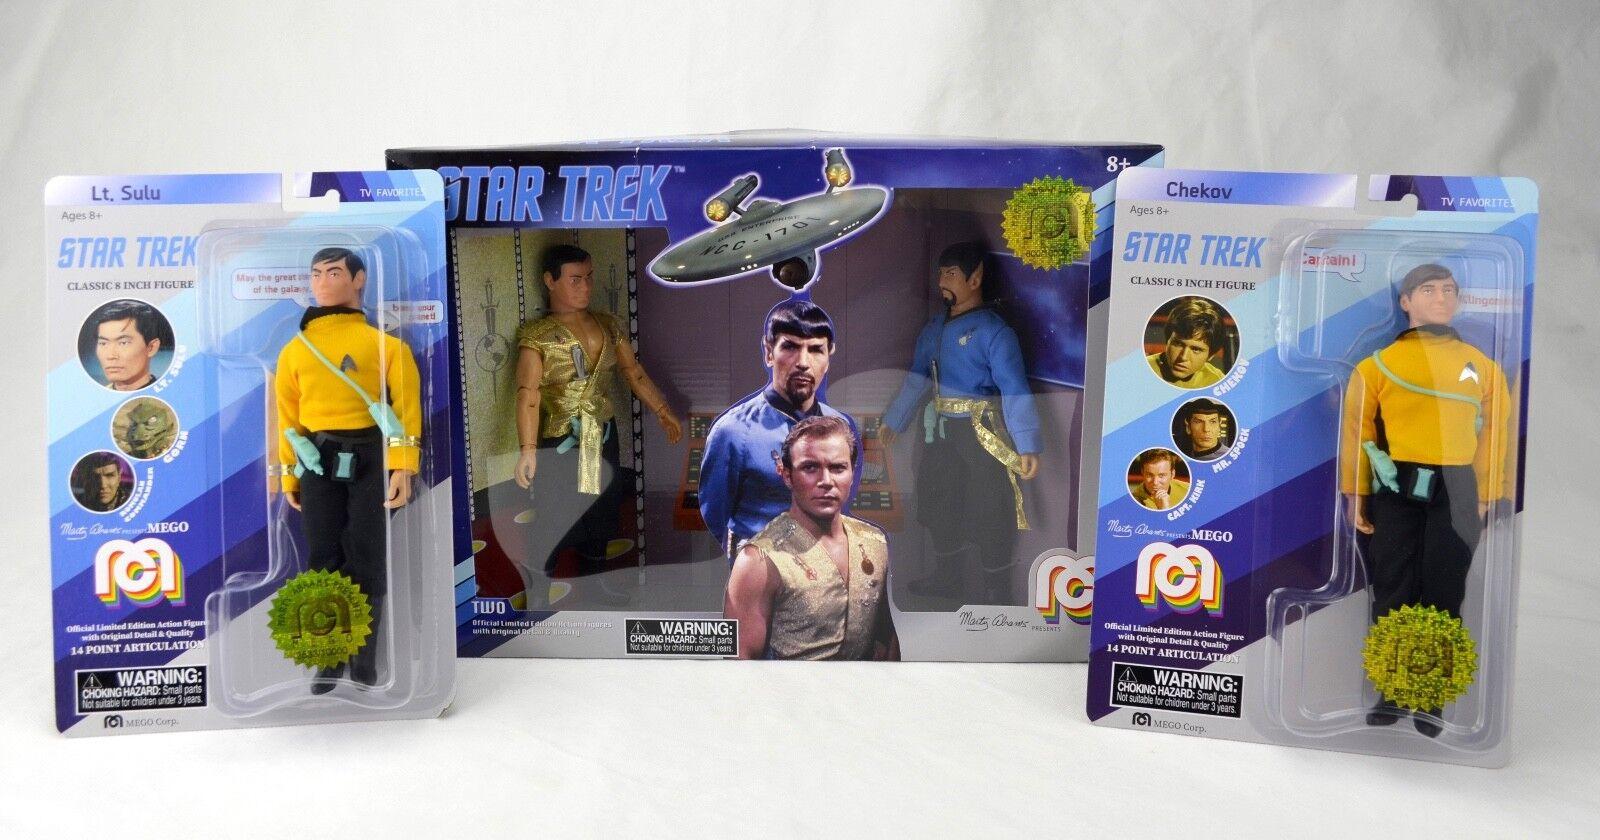 Nuevo En Caja Mego universo de Star Trek 8  Espejo Kirk Spock Plus Sulu Chekov Lote de 3